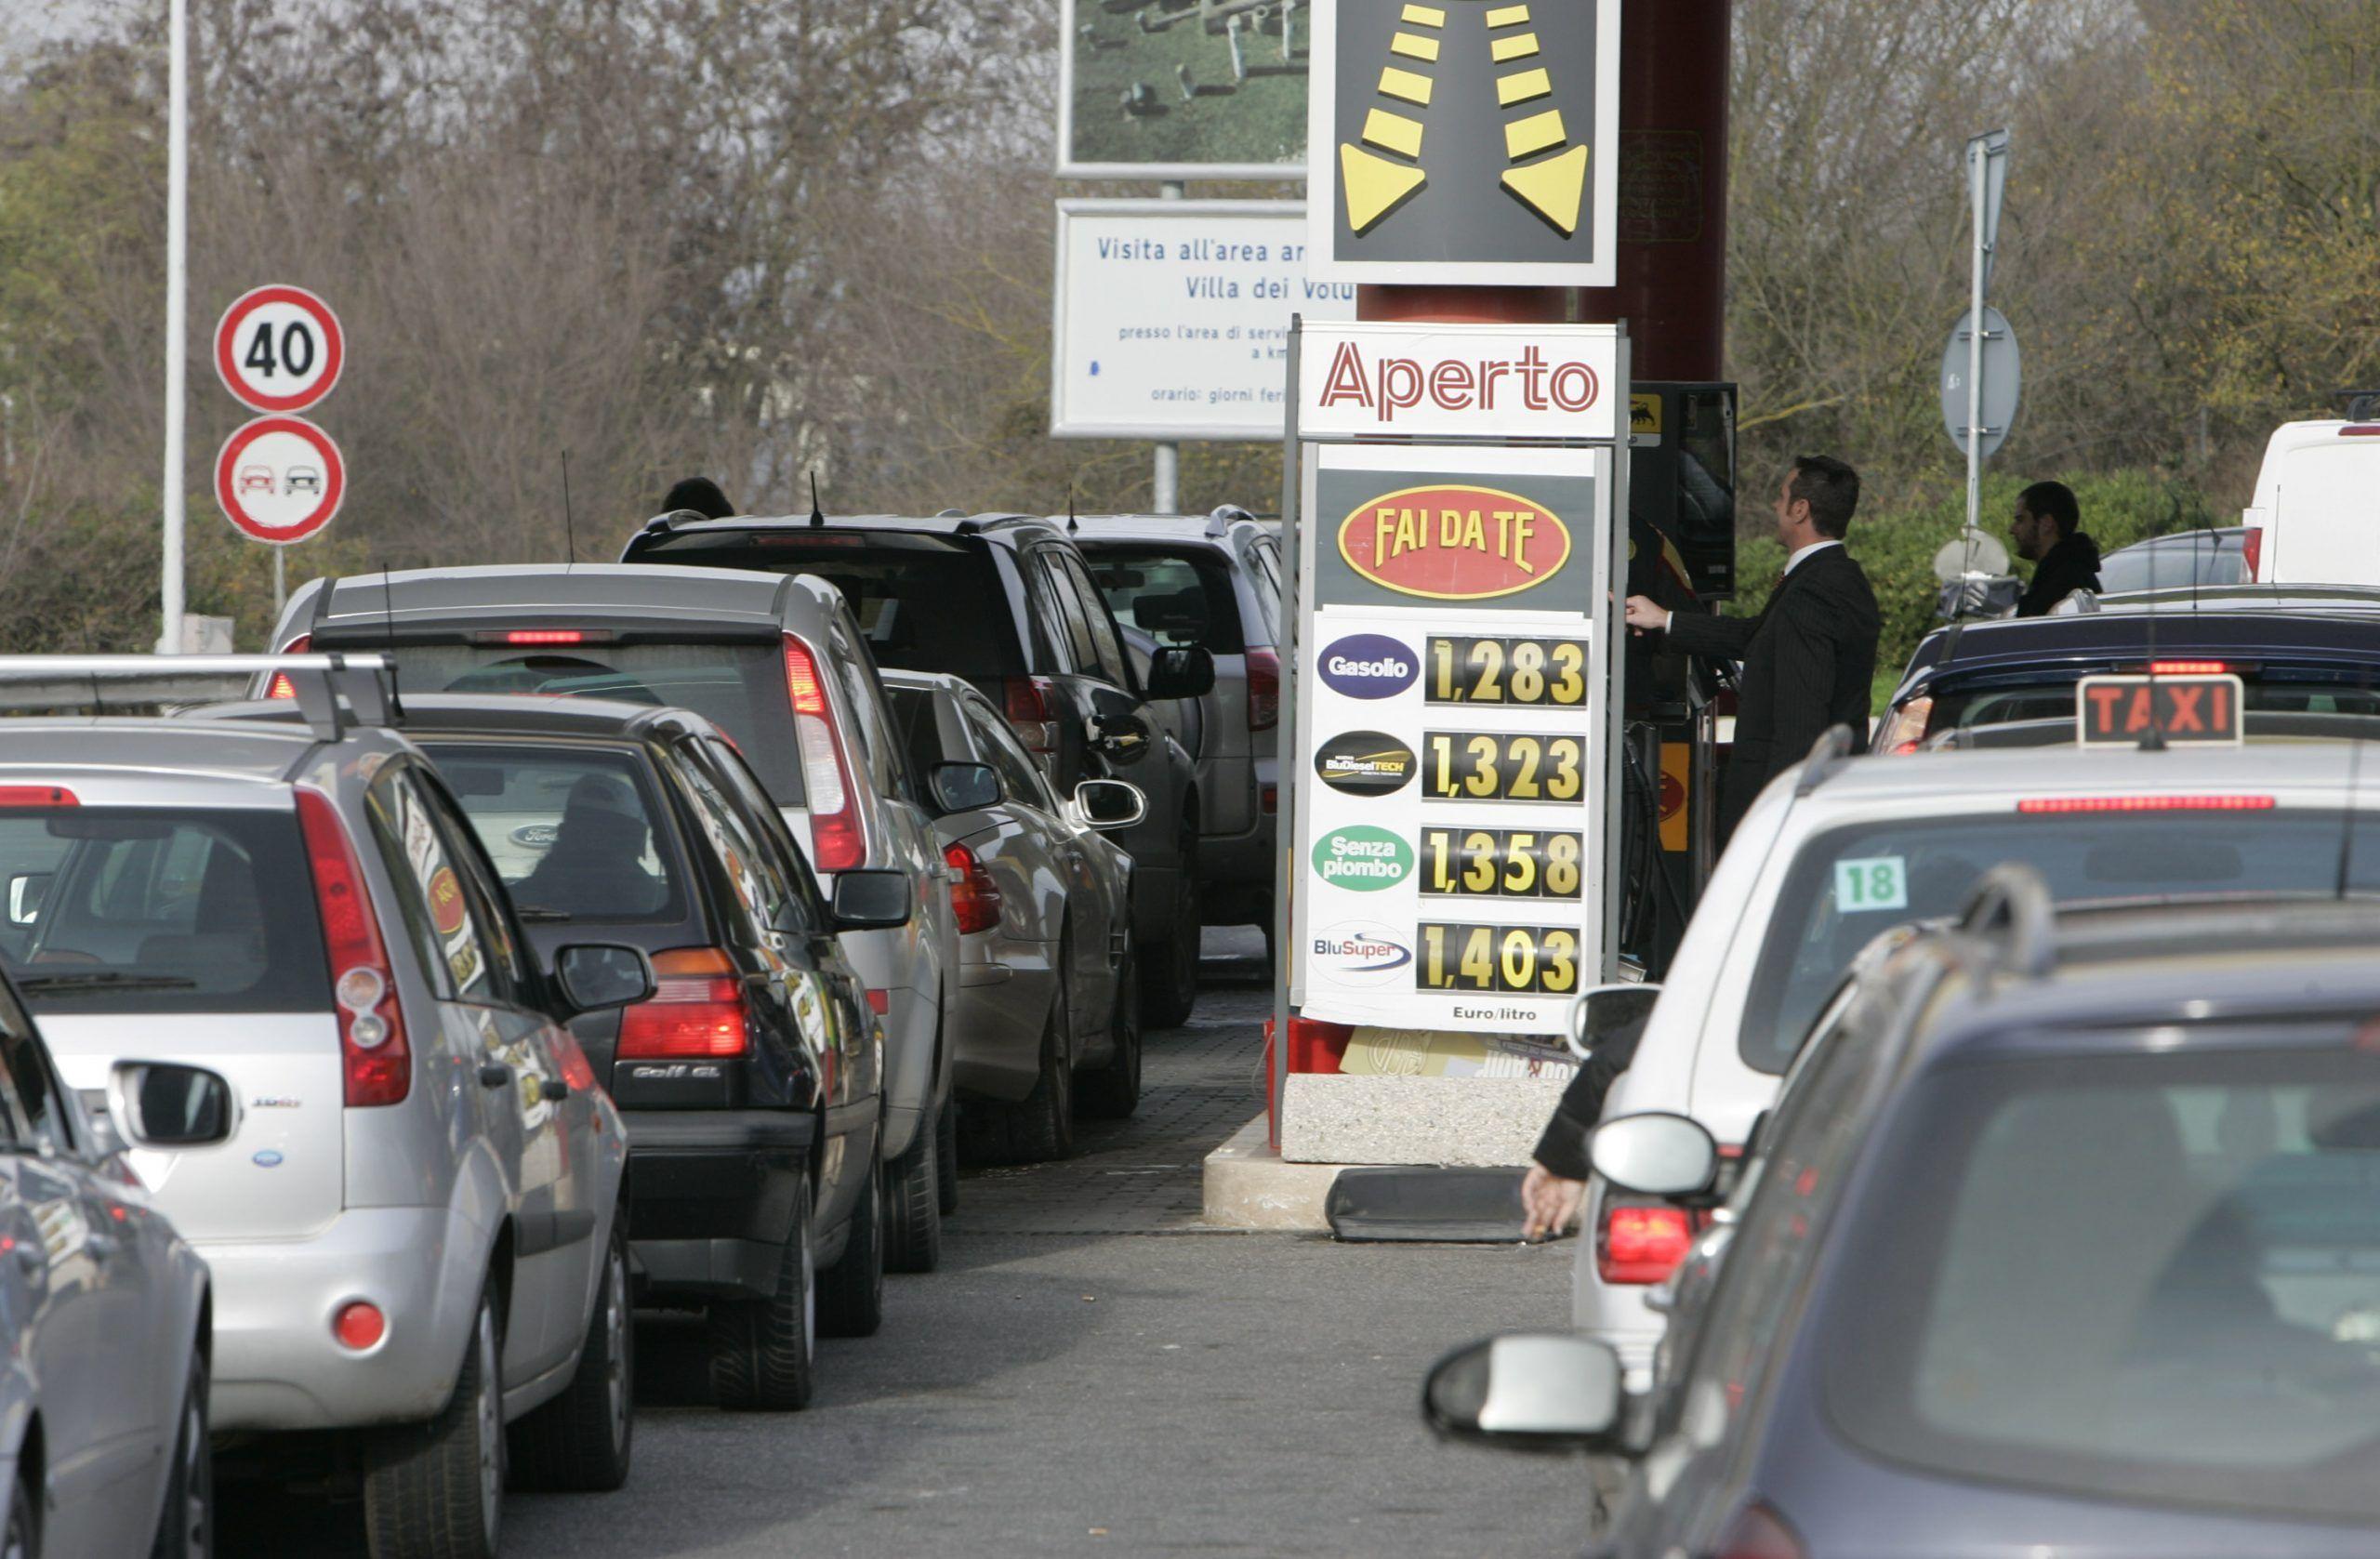 Perché la benzina costa di più in autostrada?